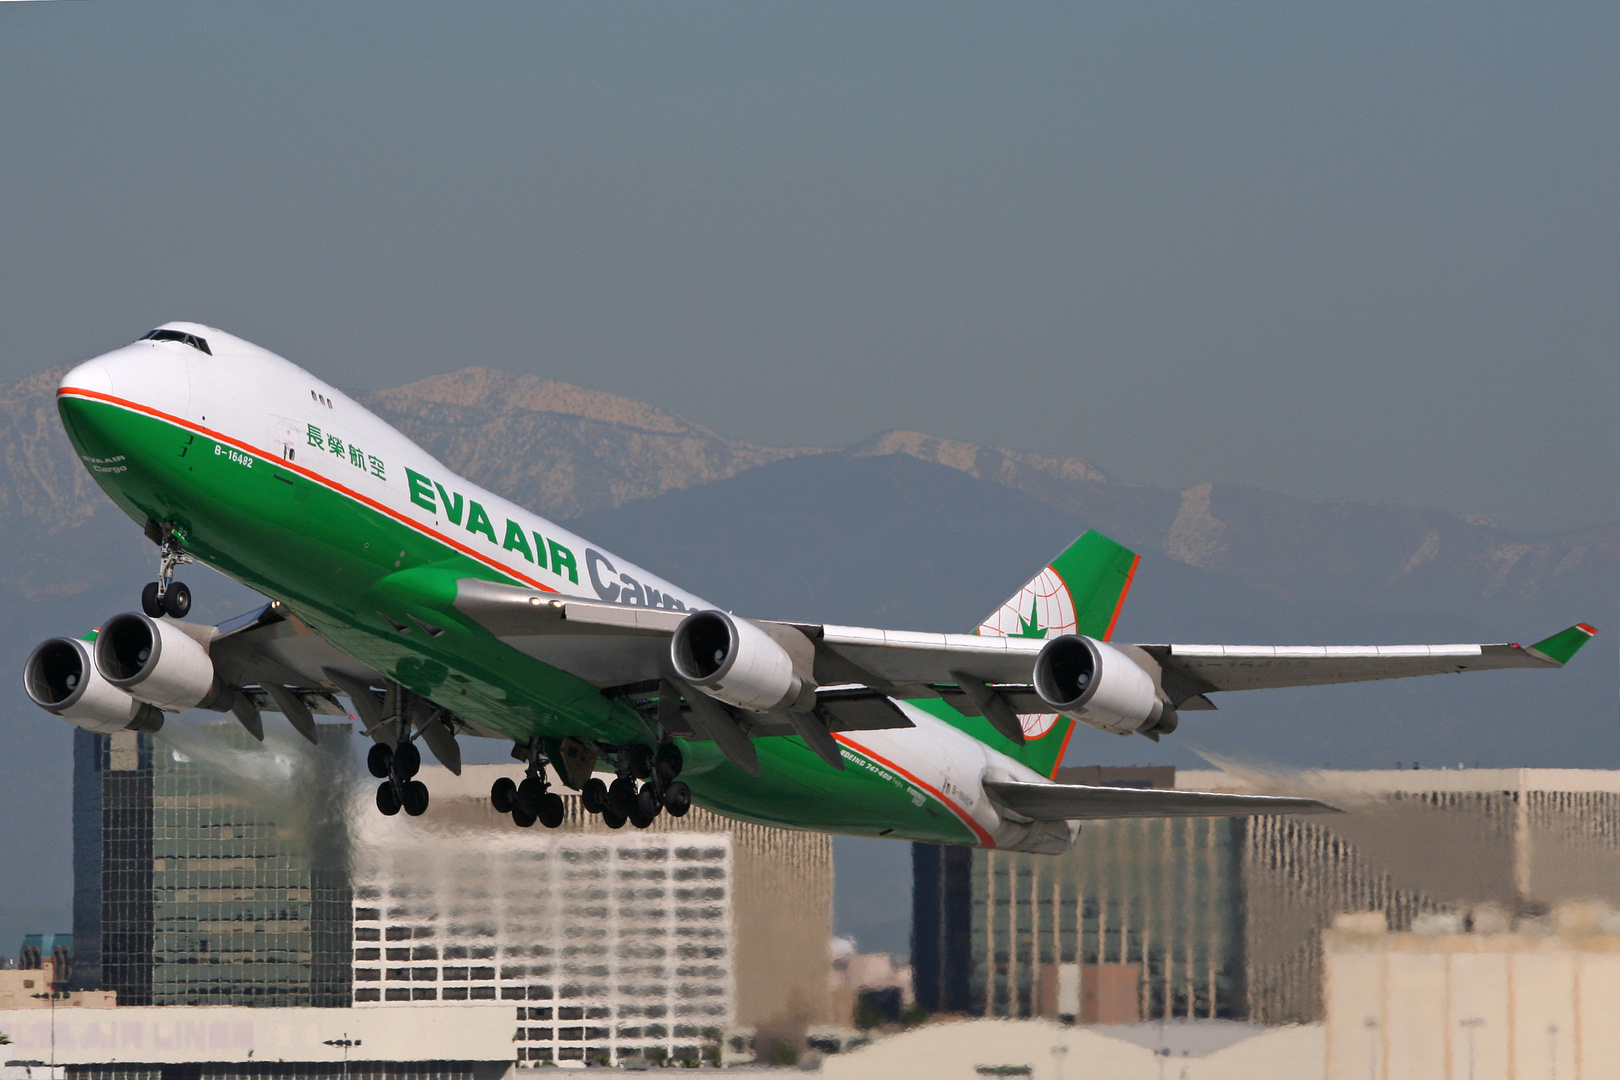 Eva Air Cargo Boeing 747-400 Los Angeles Februar 2008